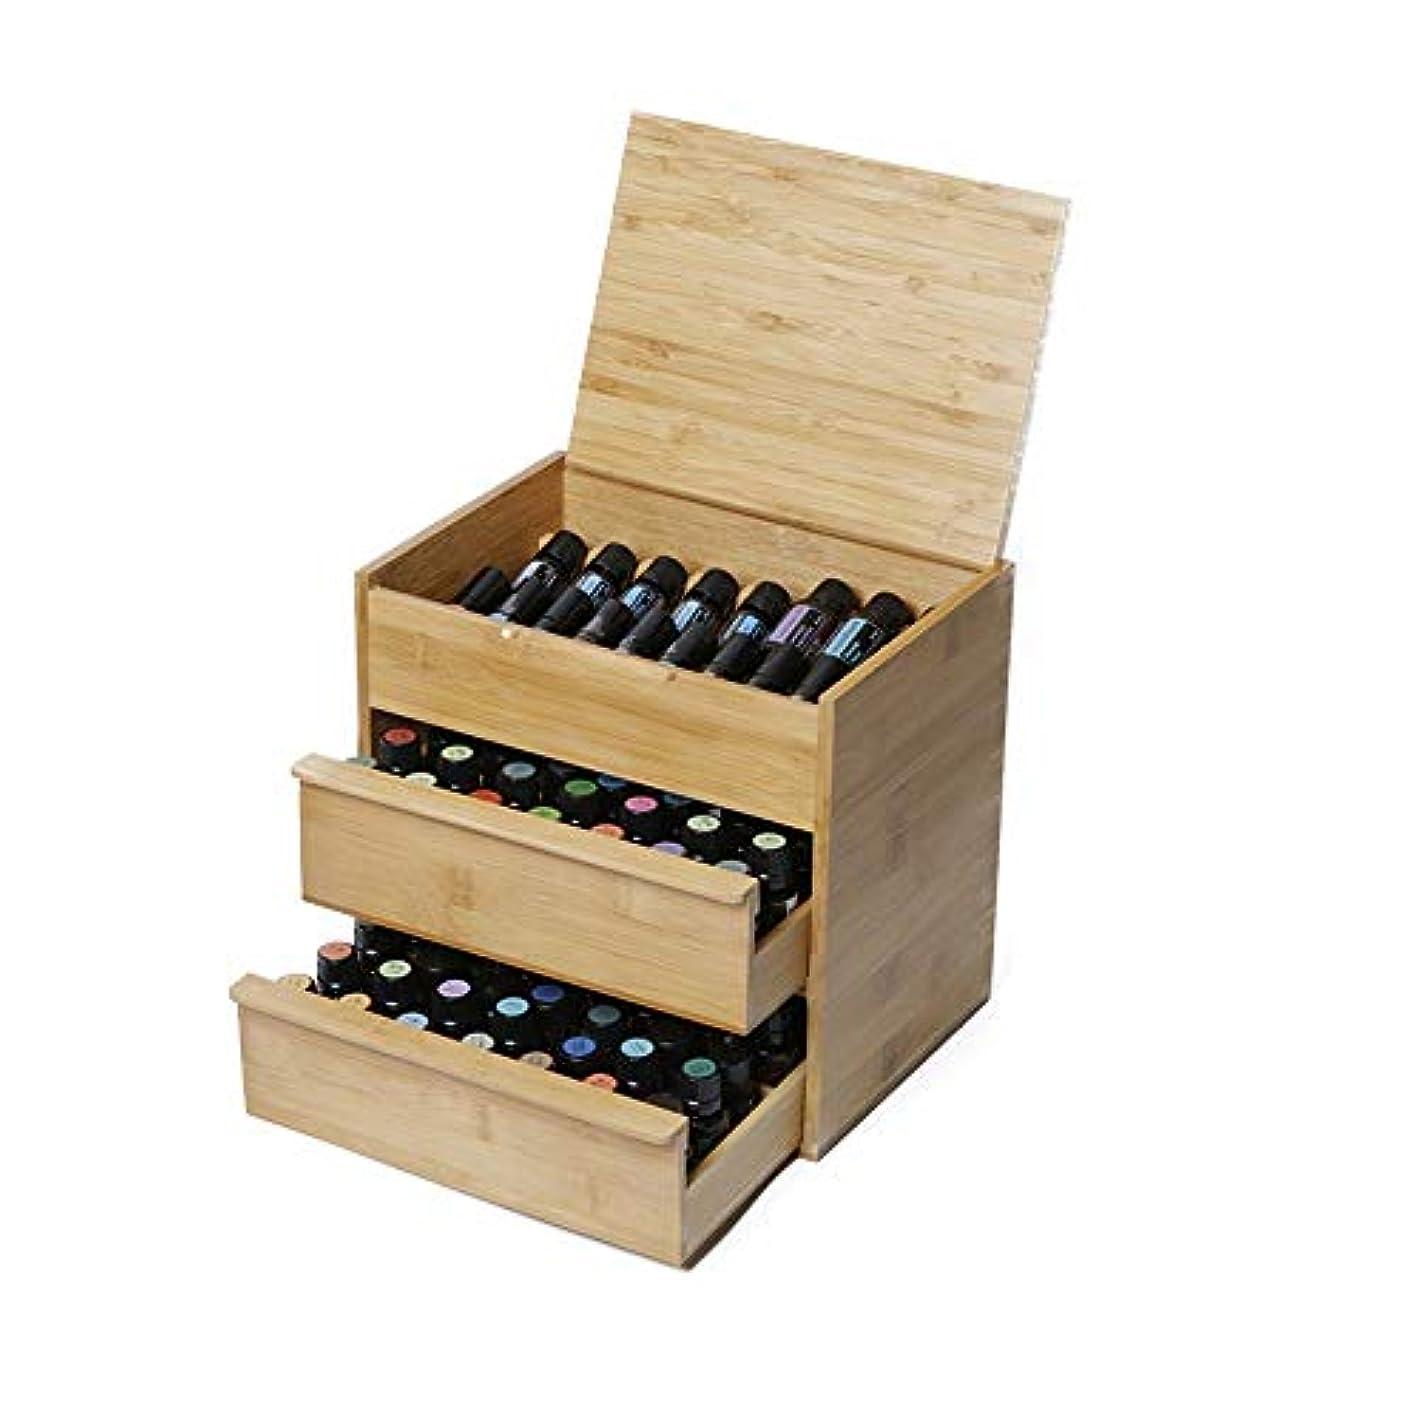 議論するボクシング嘆くエッセンシャルオイルの保管 88スロット木エッセンシャルオイルボックス3ティアボード内部リムーバブルは15/10/5 M1のボトル天然竹を開催します (色 : Natural, サイズ : 26.5X24.5X19CM)